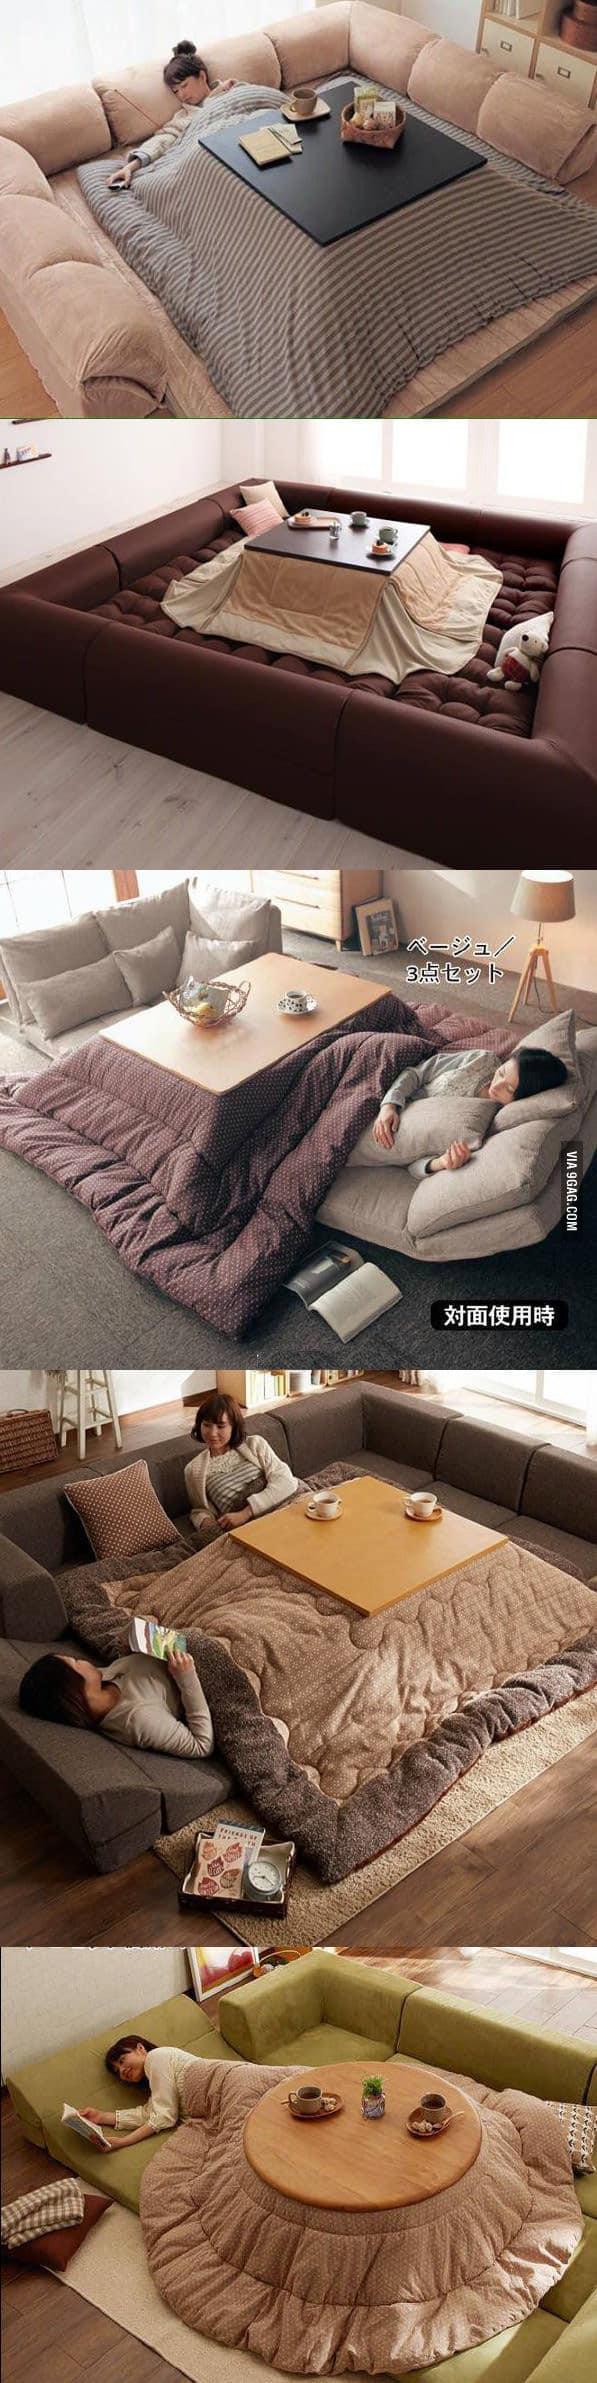 sofa bed jap3